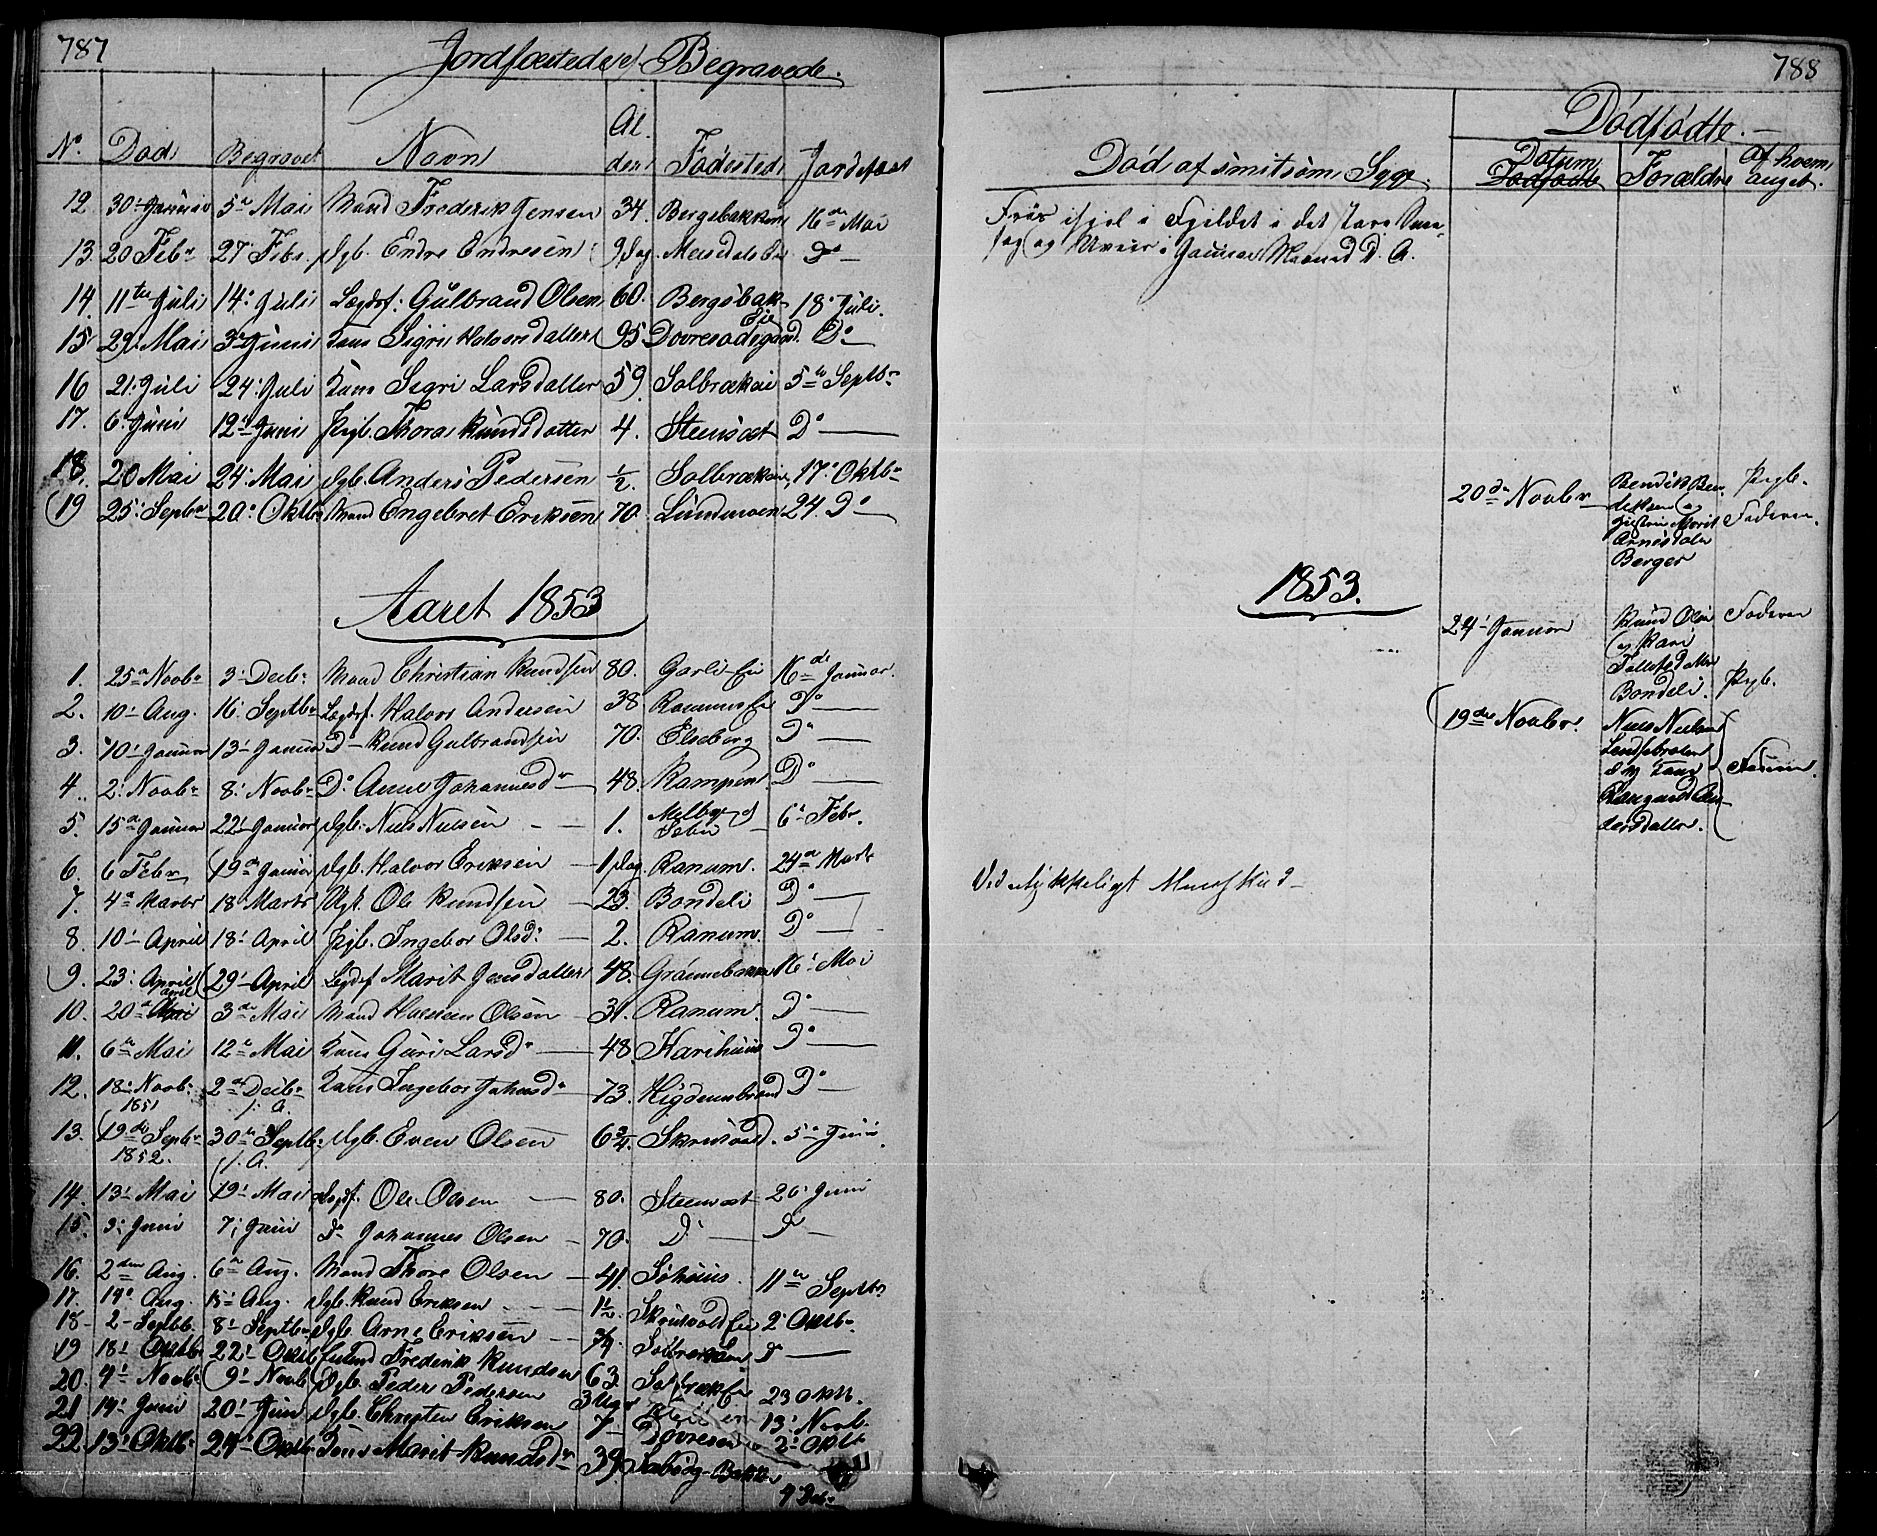 SAH, Nord-Aurdal prestekontor, Klokkerbok nr. 1, 1834-1887, s. 787-788